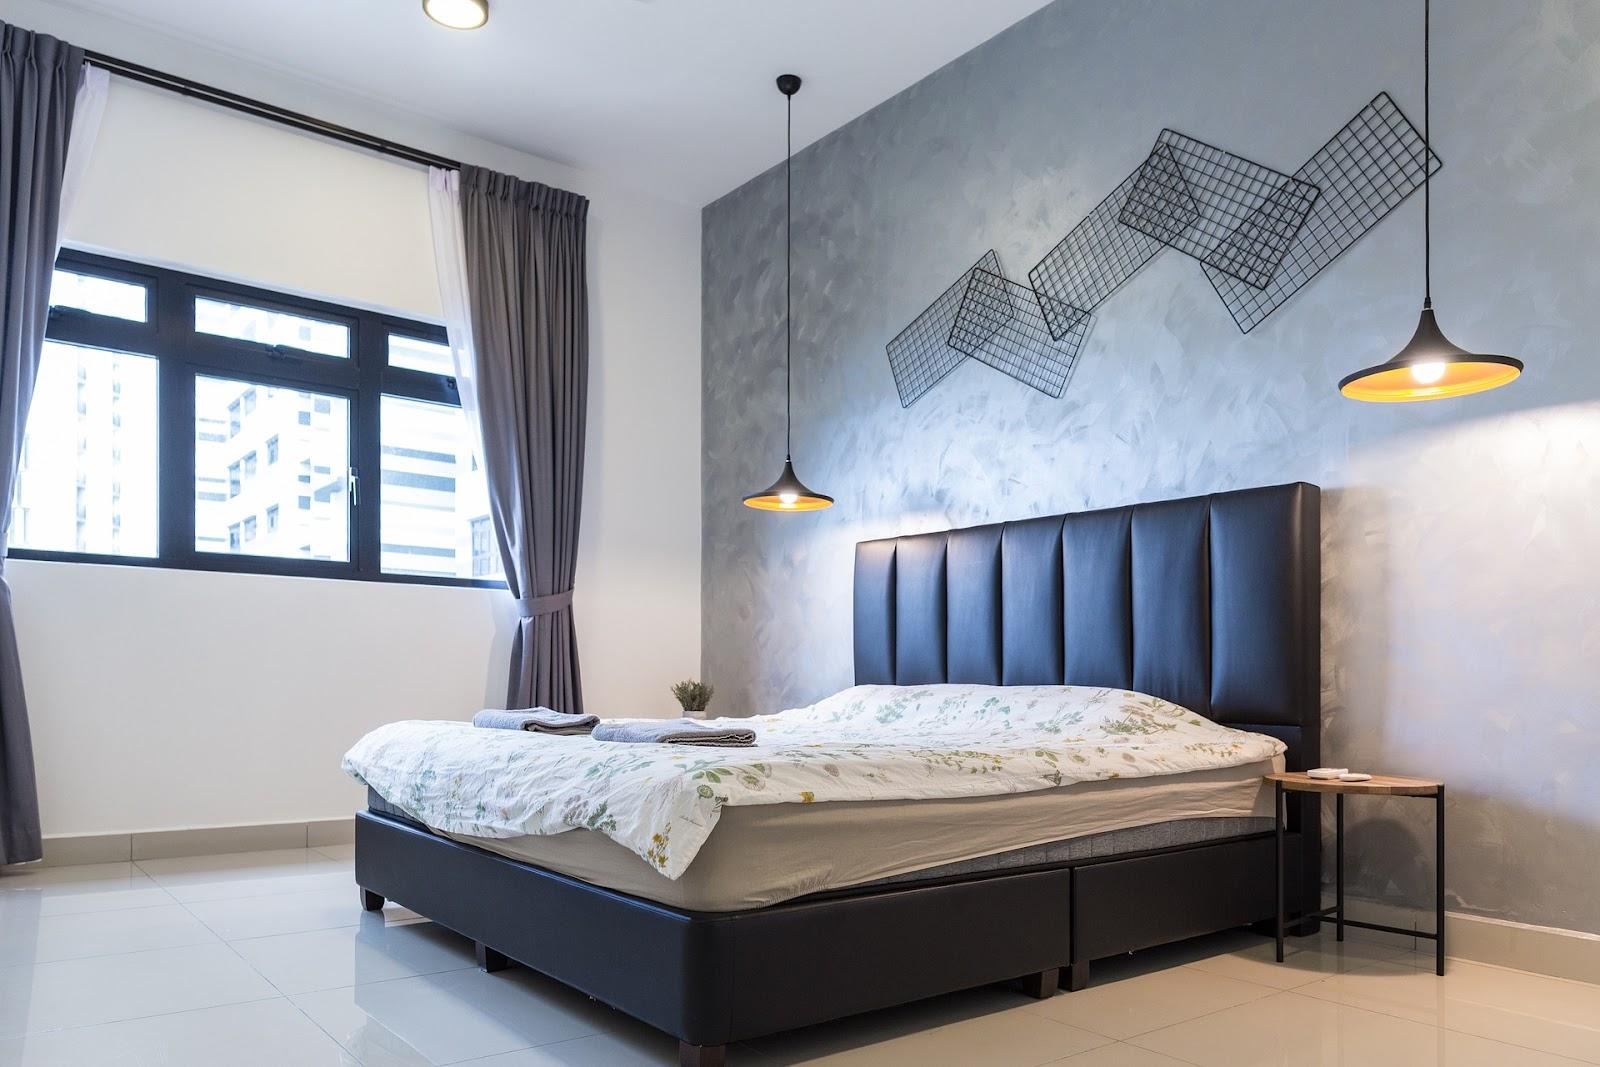 Um quarto com vários memory boards, uma cama com estofado e um pendente.